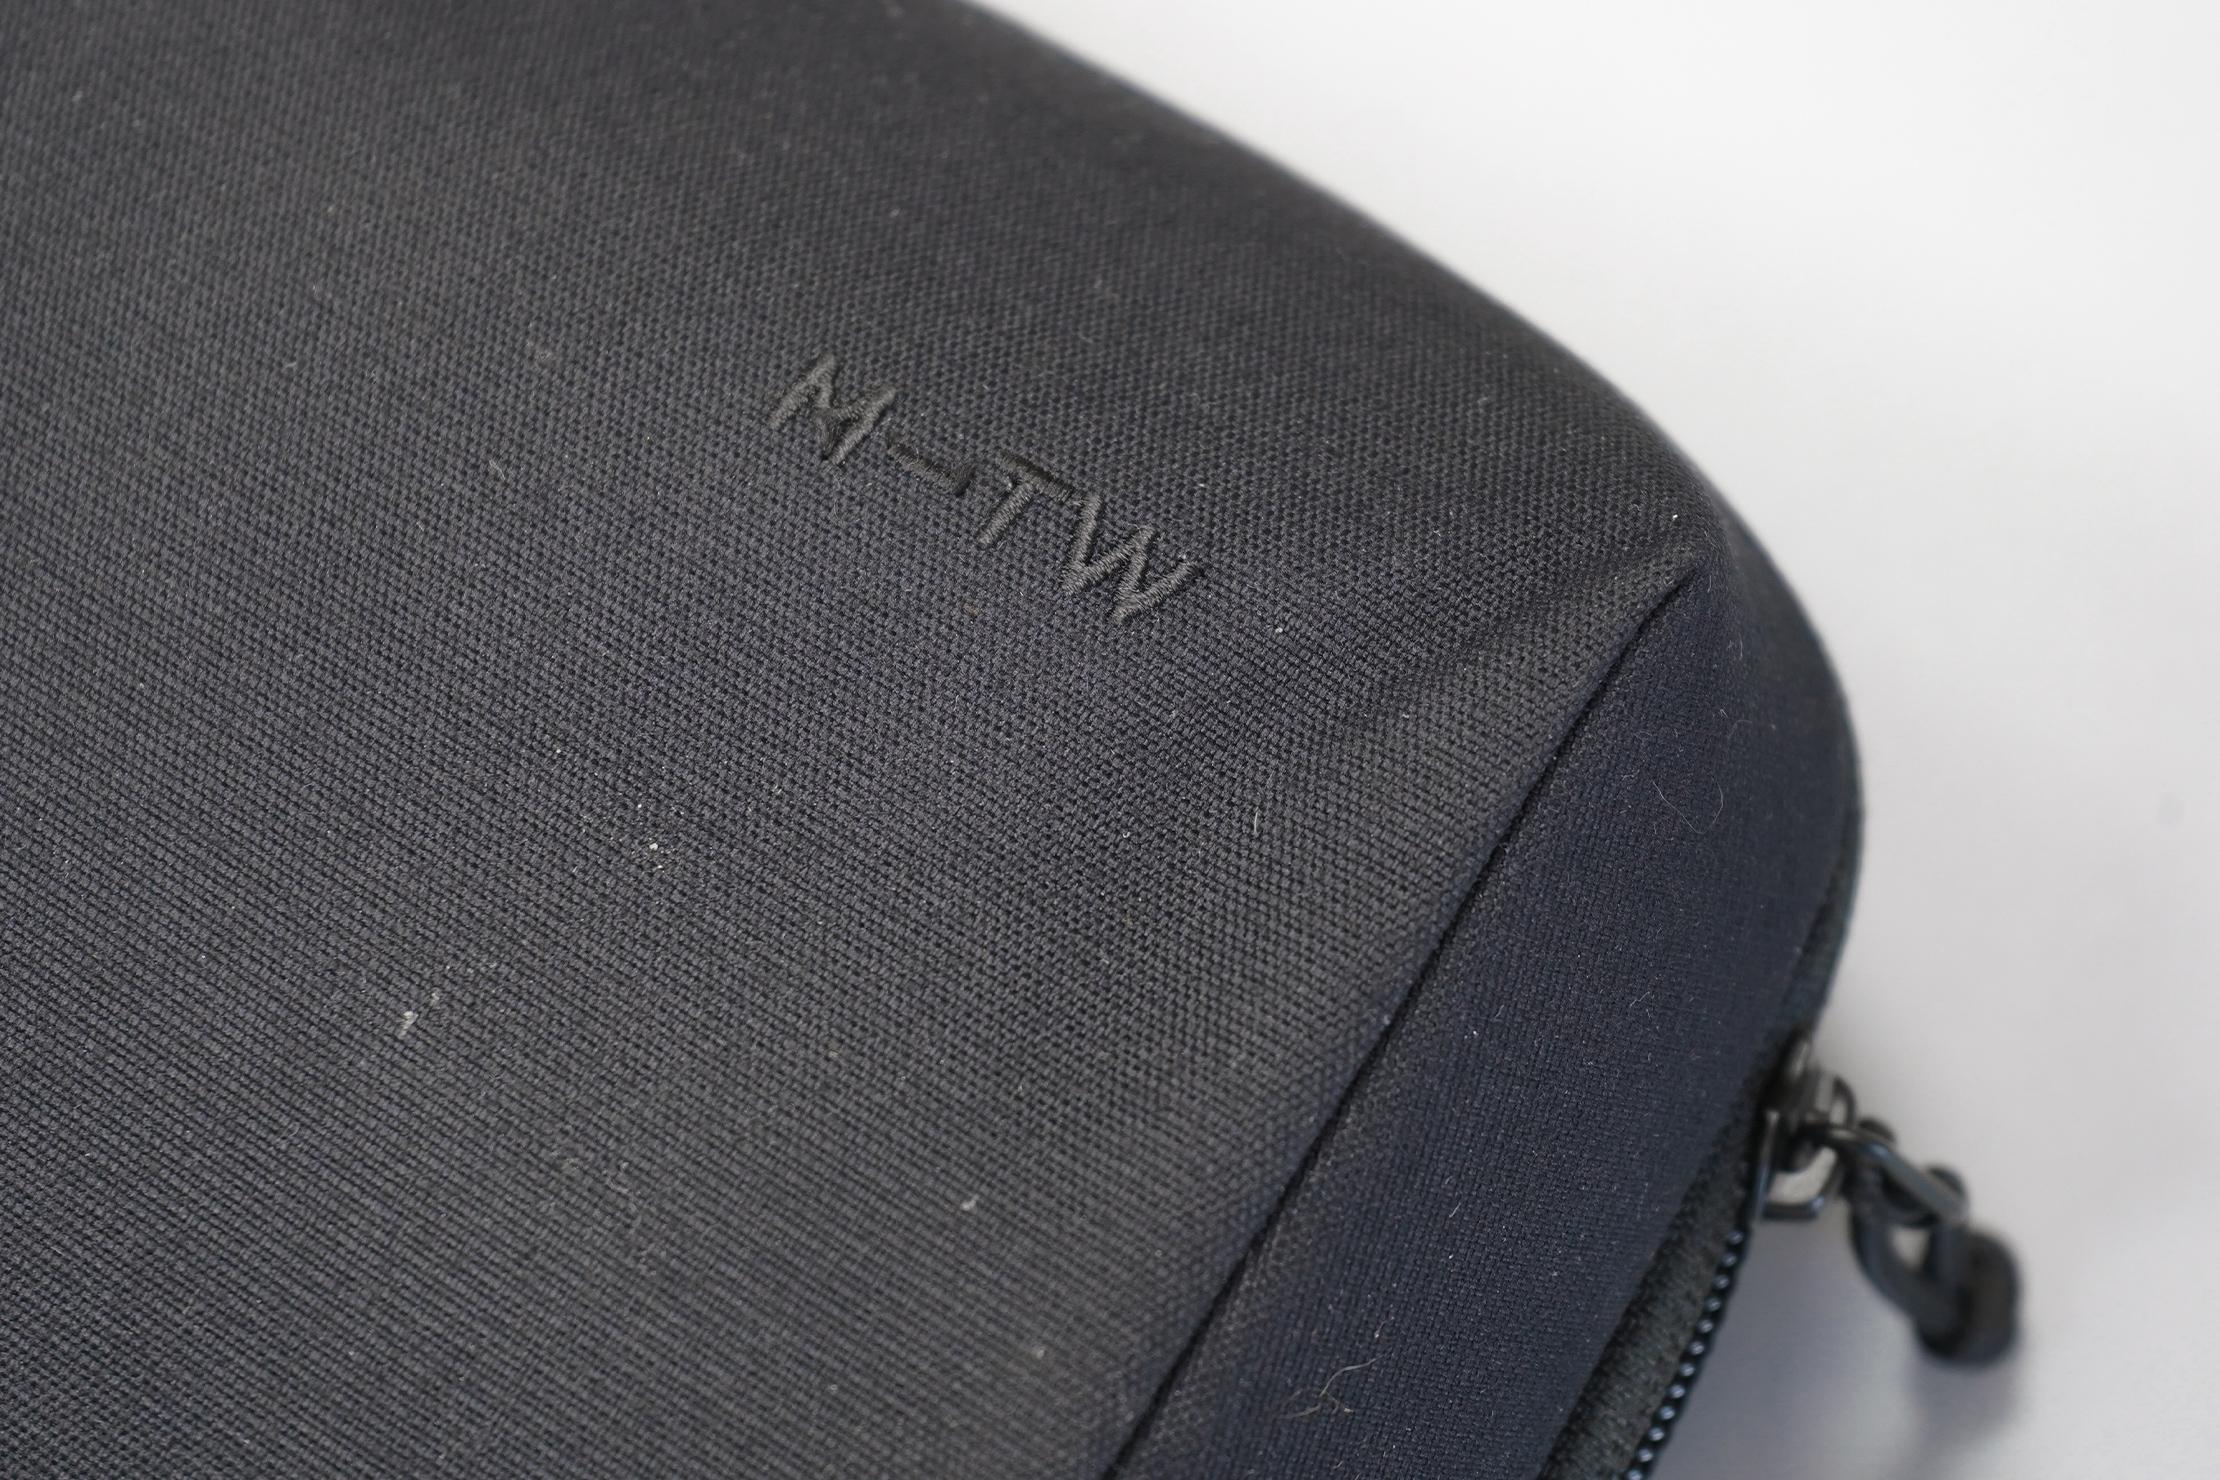 Moment MTW Tech Organizer | Logo, fabric, and zipper